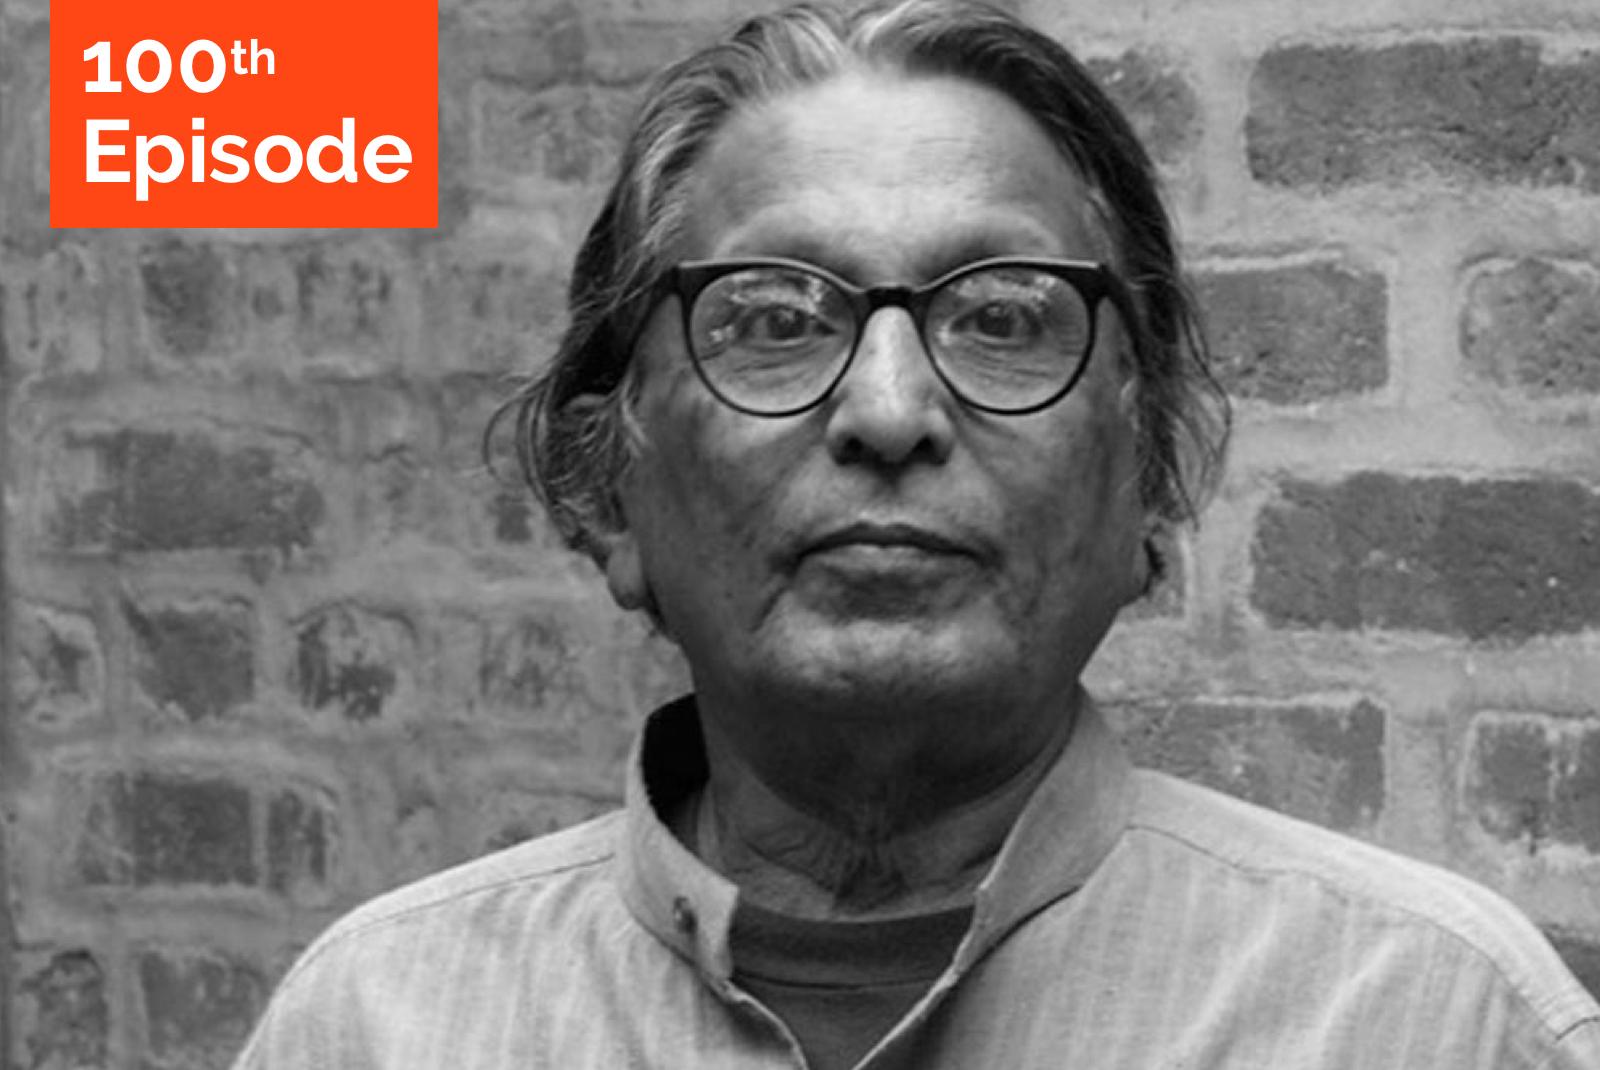 India's Design Hero – 100th Episode